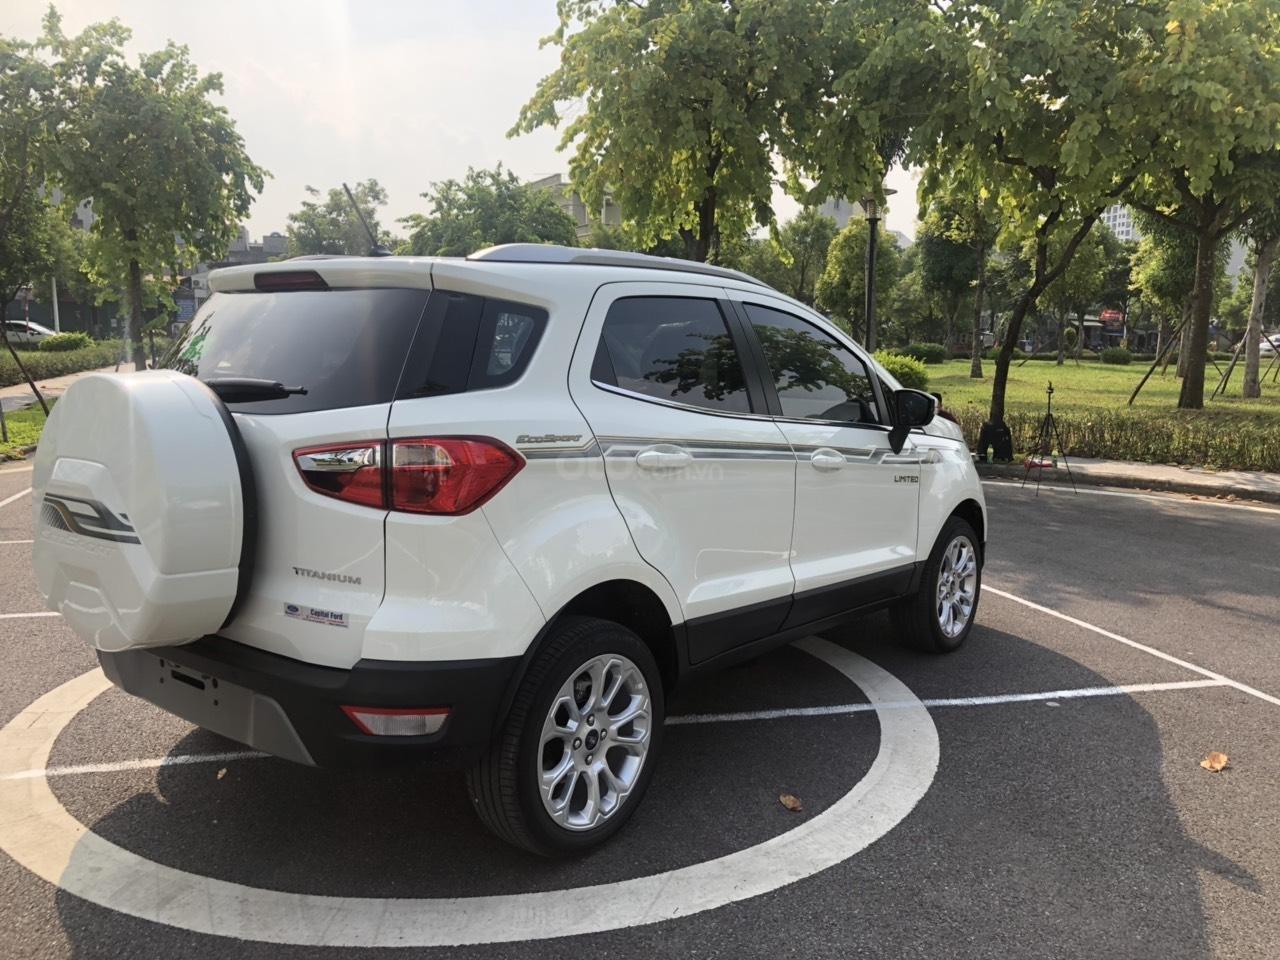 Bán xe Ford Ecosport Titanium 1.5L AT 2019, xe giao ngay, hỗ trợ các thủ tục, hỗ trợ trả góp 80% (9)